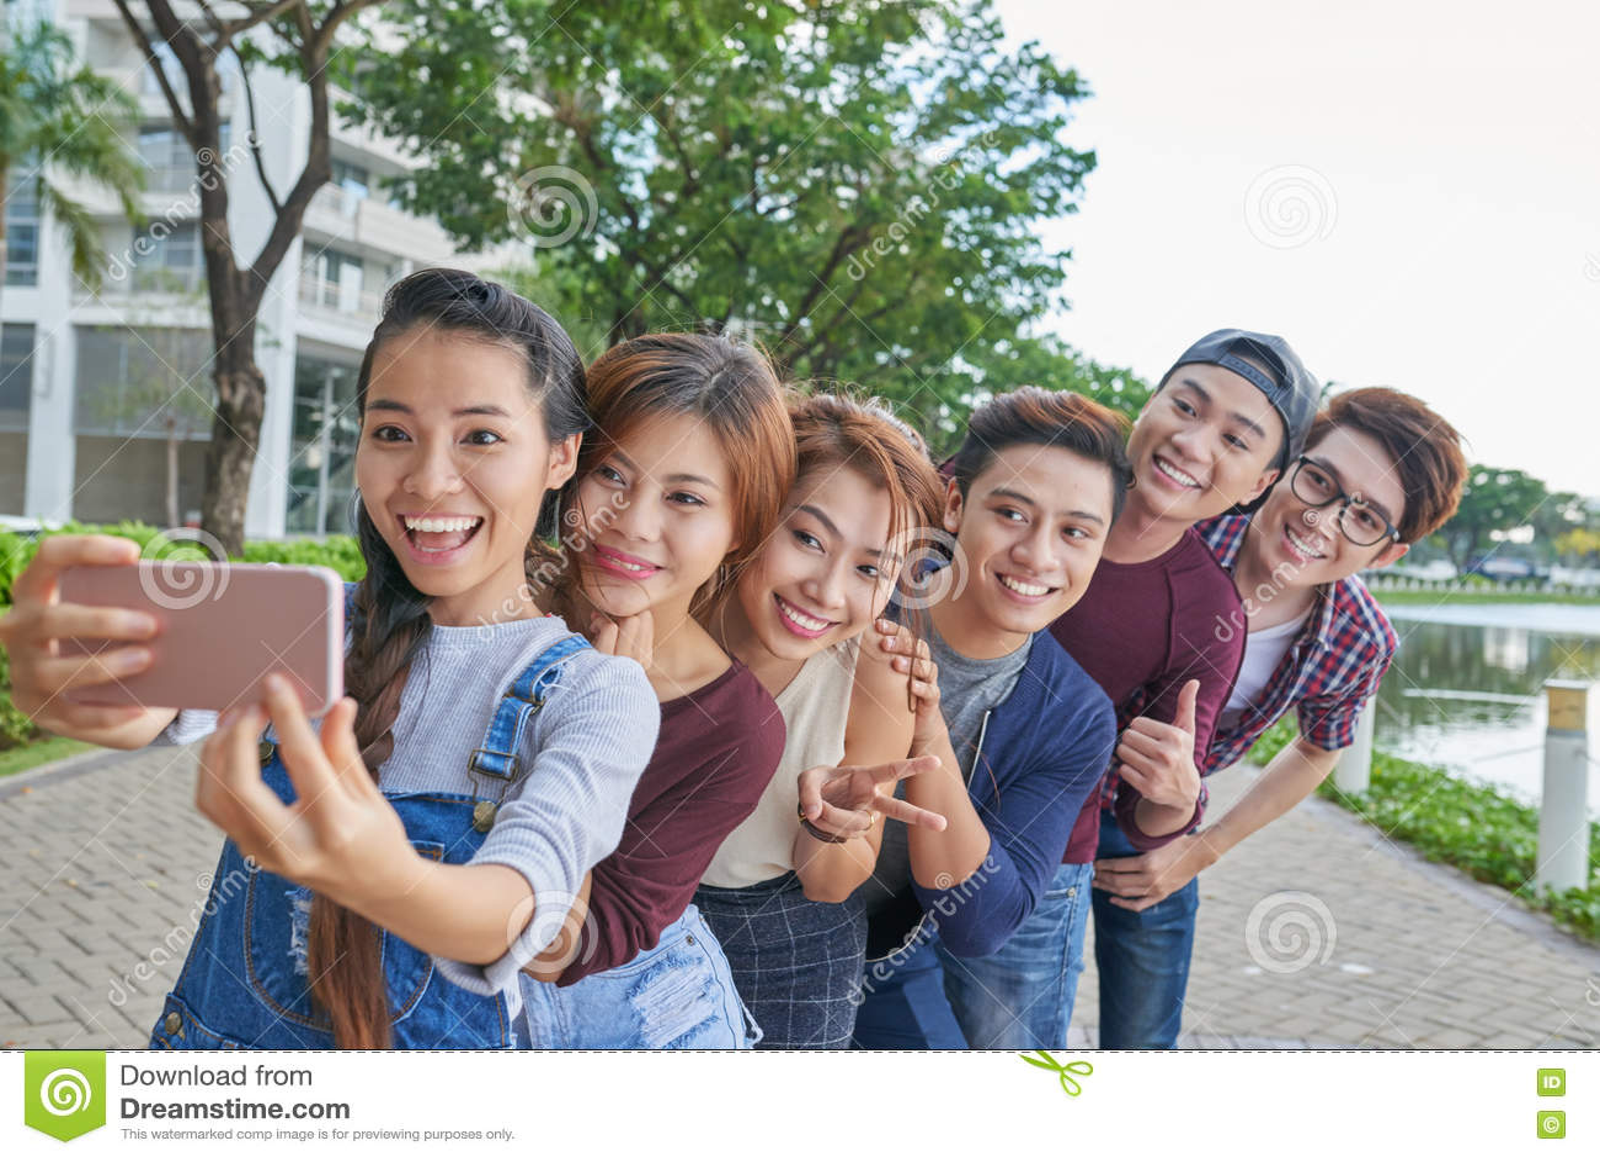 Смешное selfie